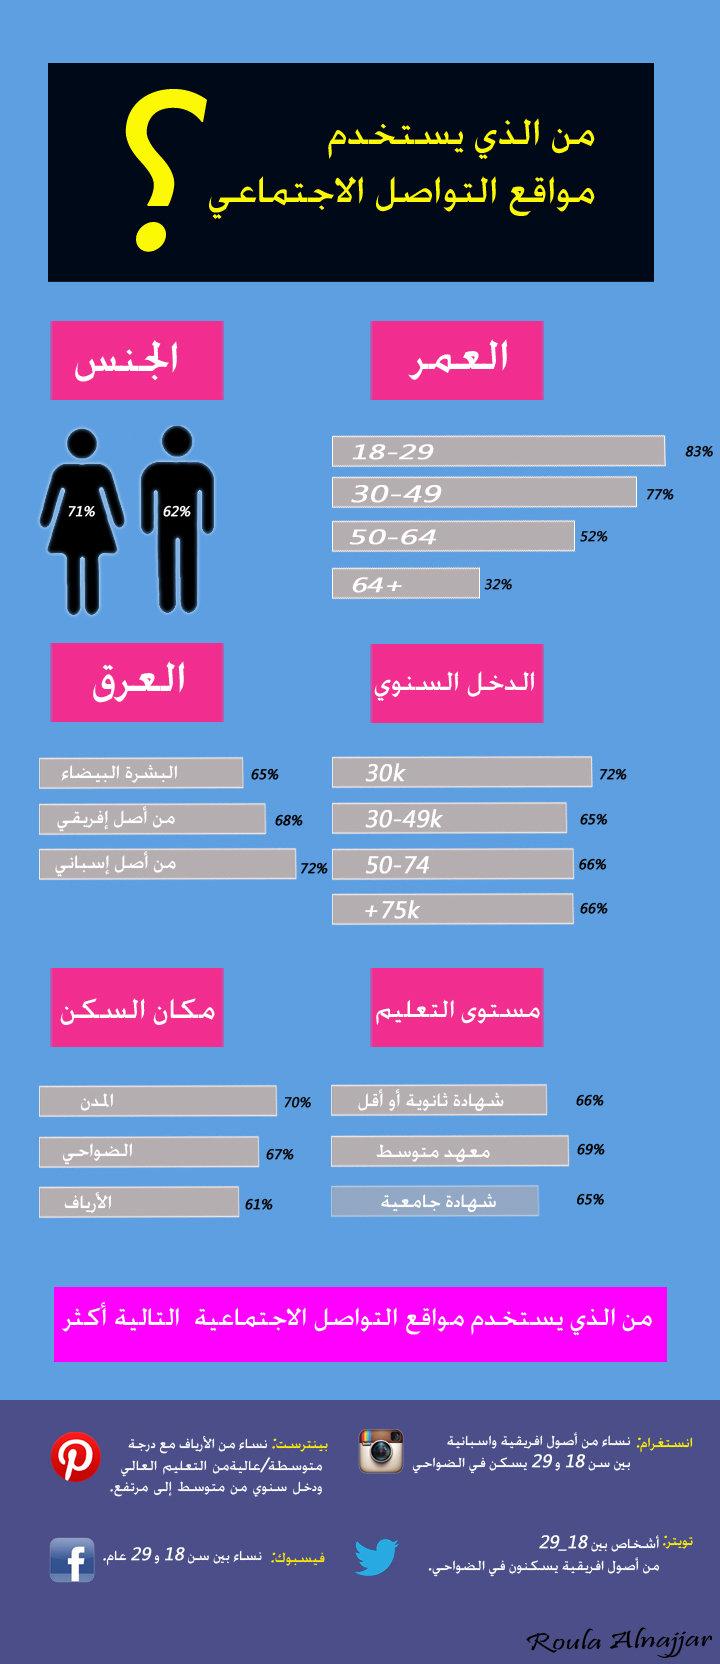 من الذي يستخدم مواقع التواصل الاجتماعي؟